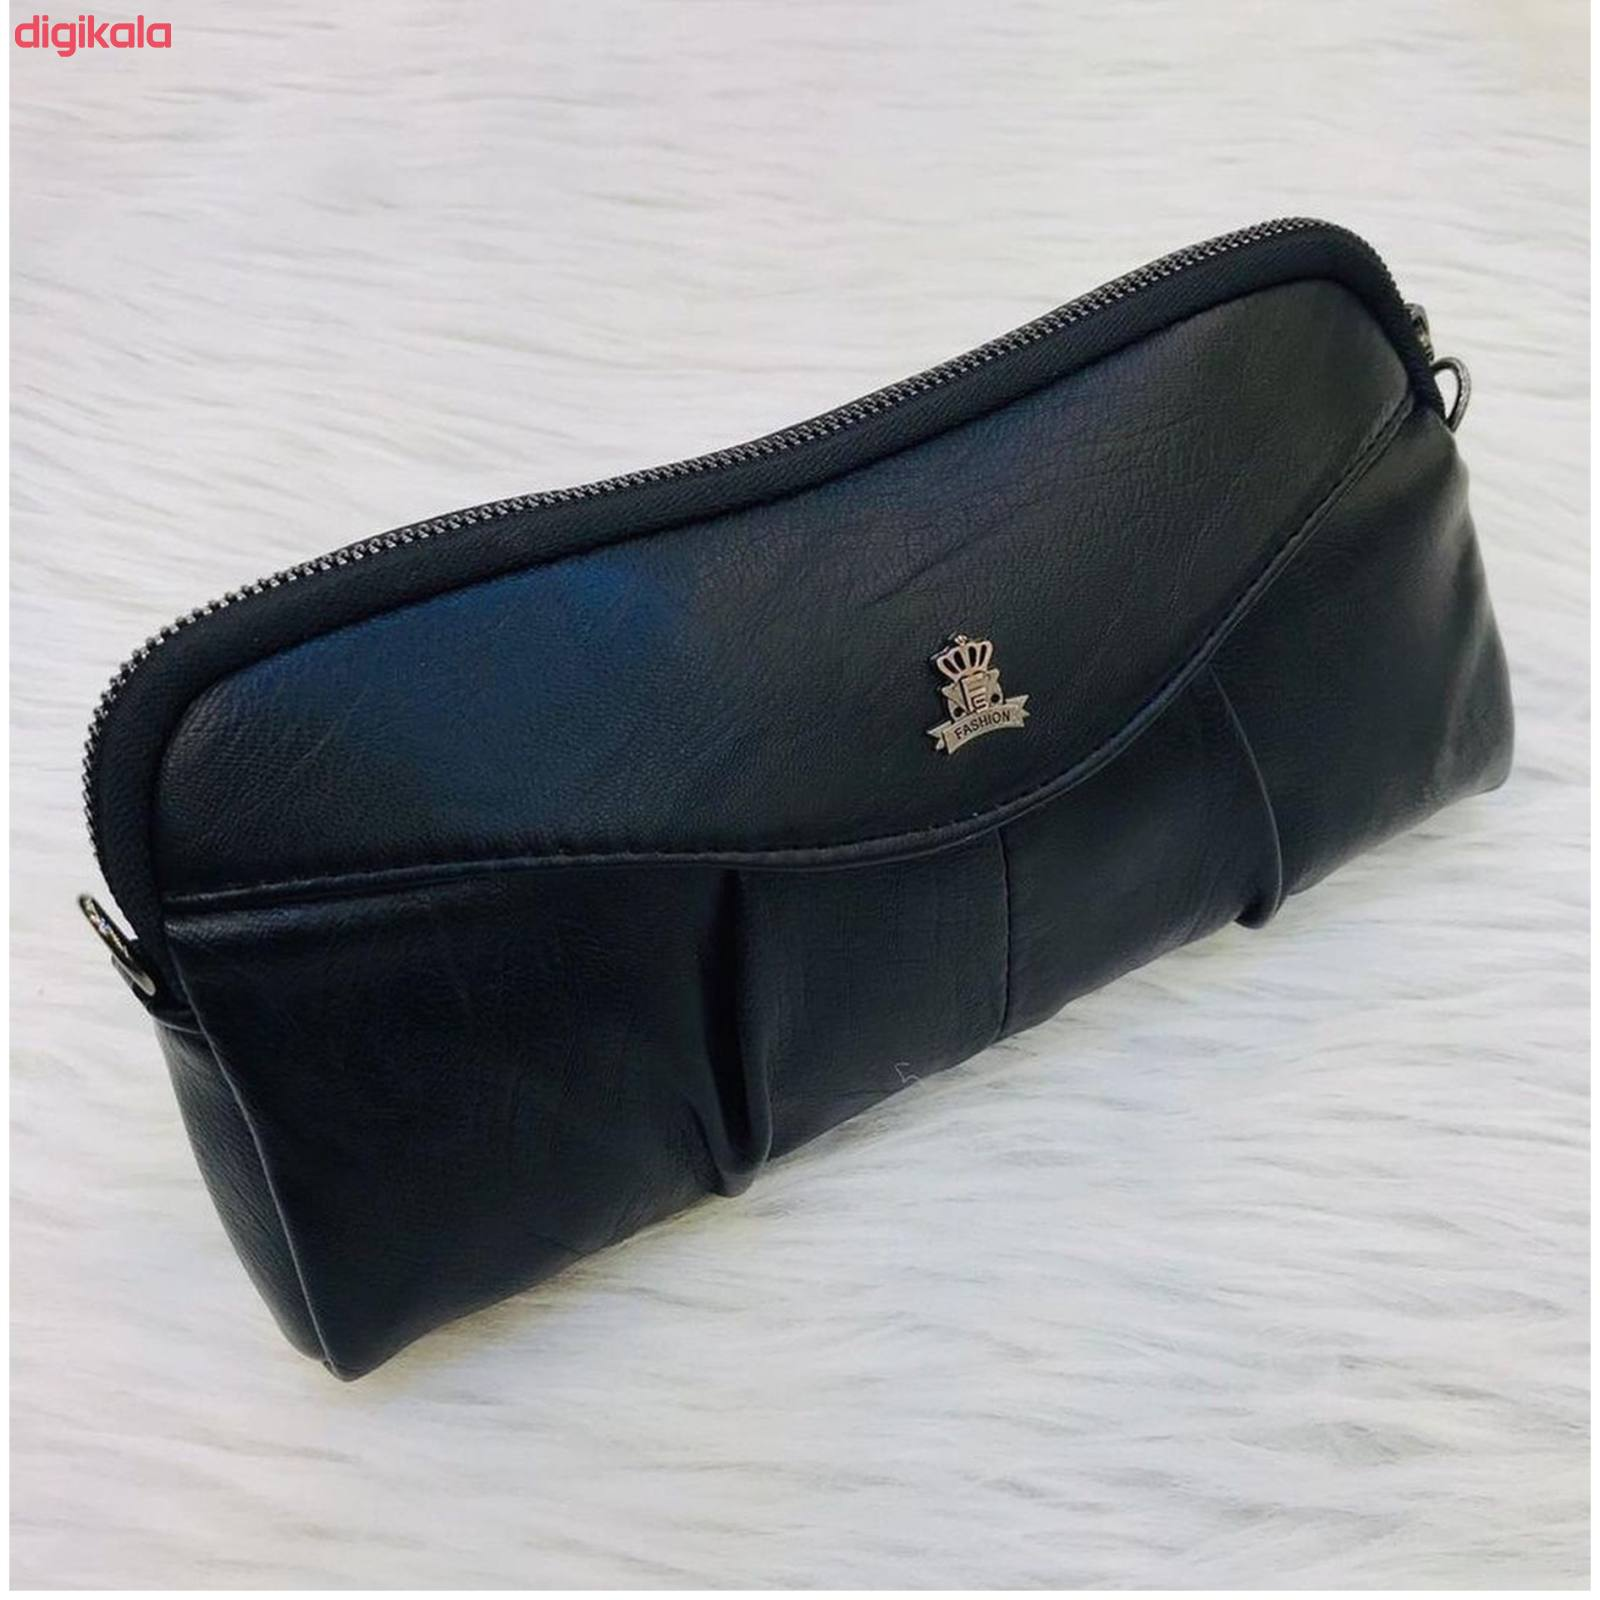 کیف دستی زنانه مدل ملکه main 1 4